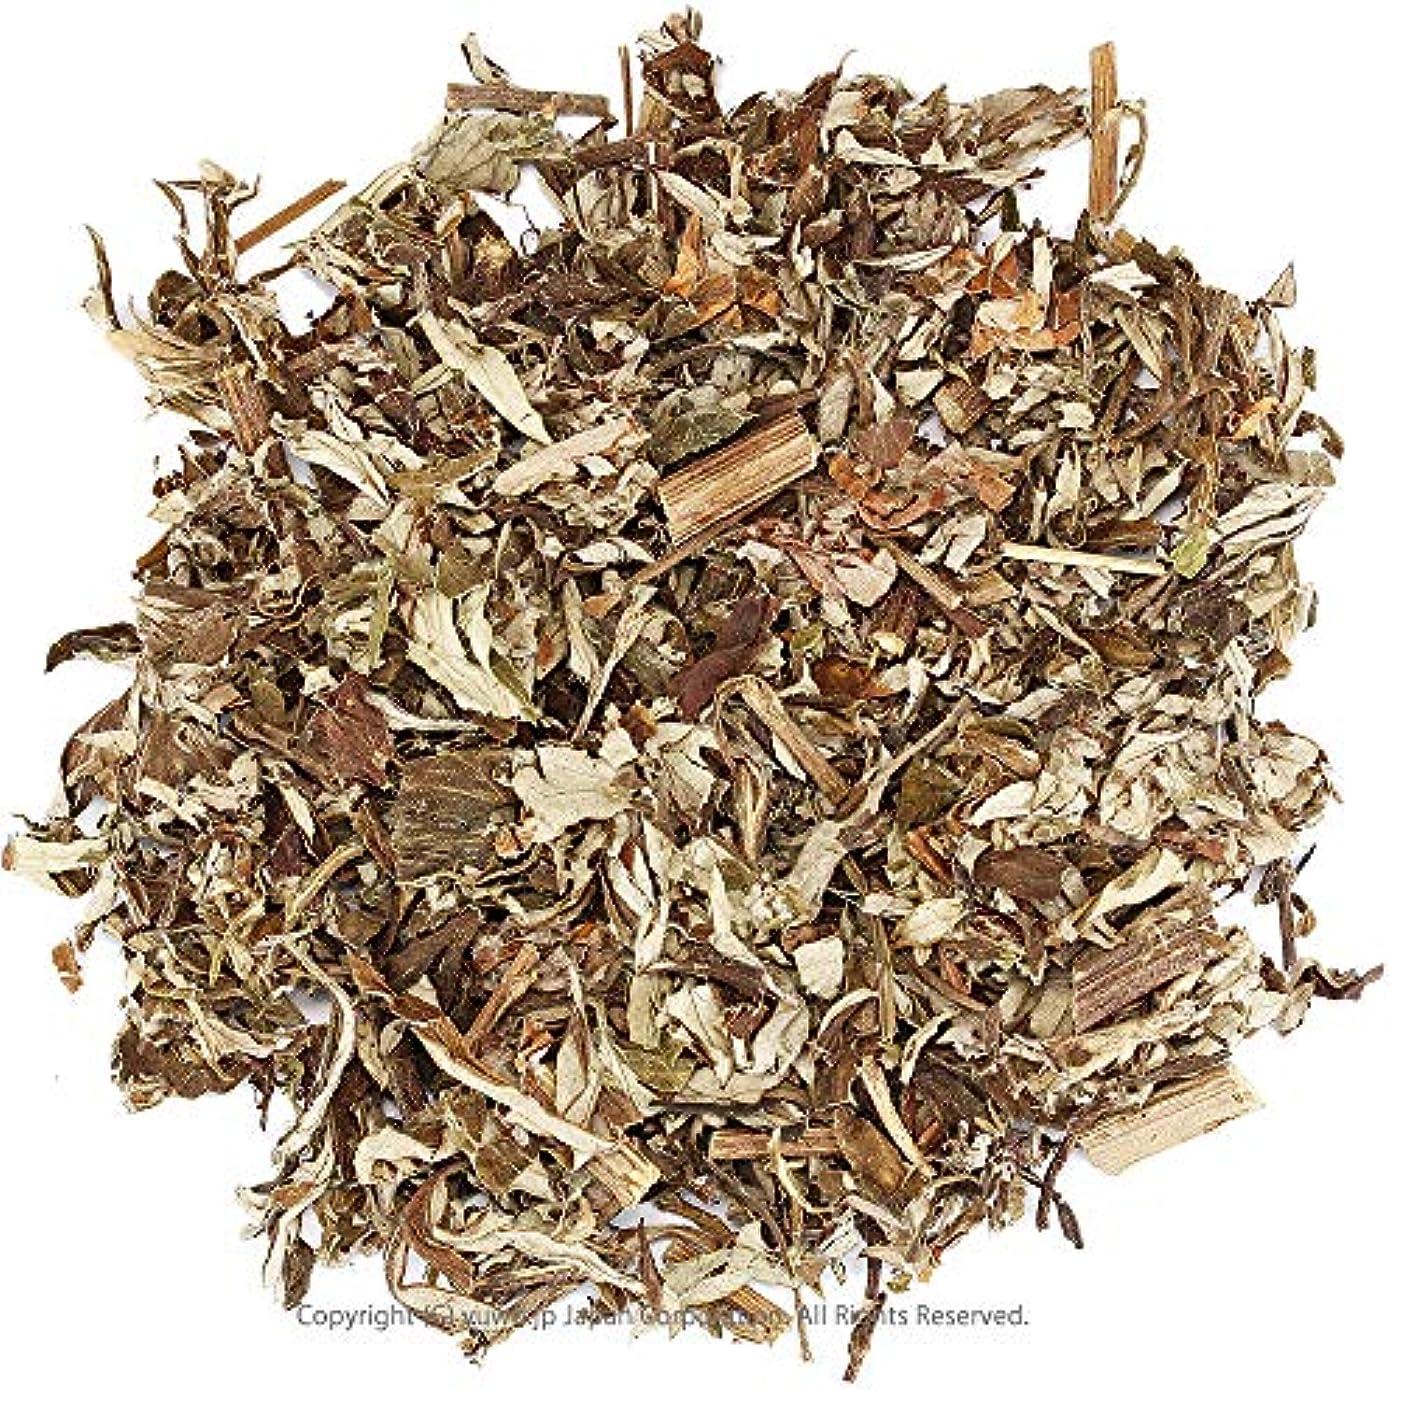 所有者聡明三十ヨモギ業務用 500g 蓬茶 本場韓国産ヨモギ 葉(地上部 主に葉)100% 乾燥よもぎ茶 よもぎ風呂 ヨモギ蒸し